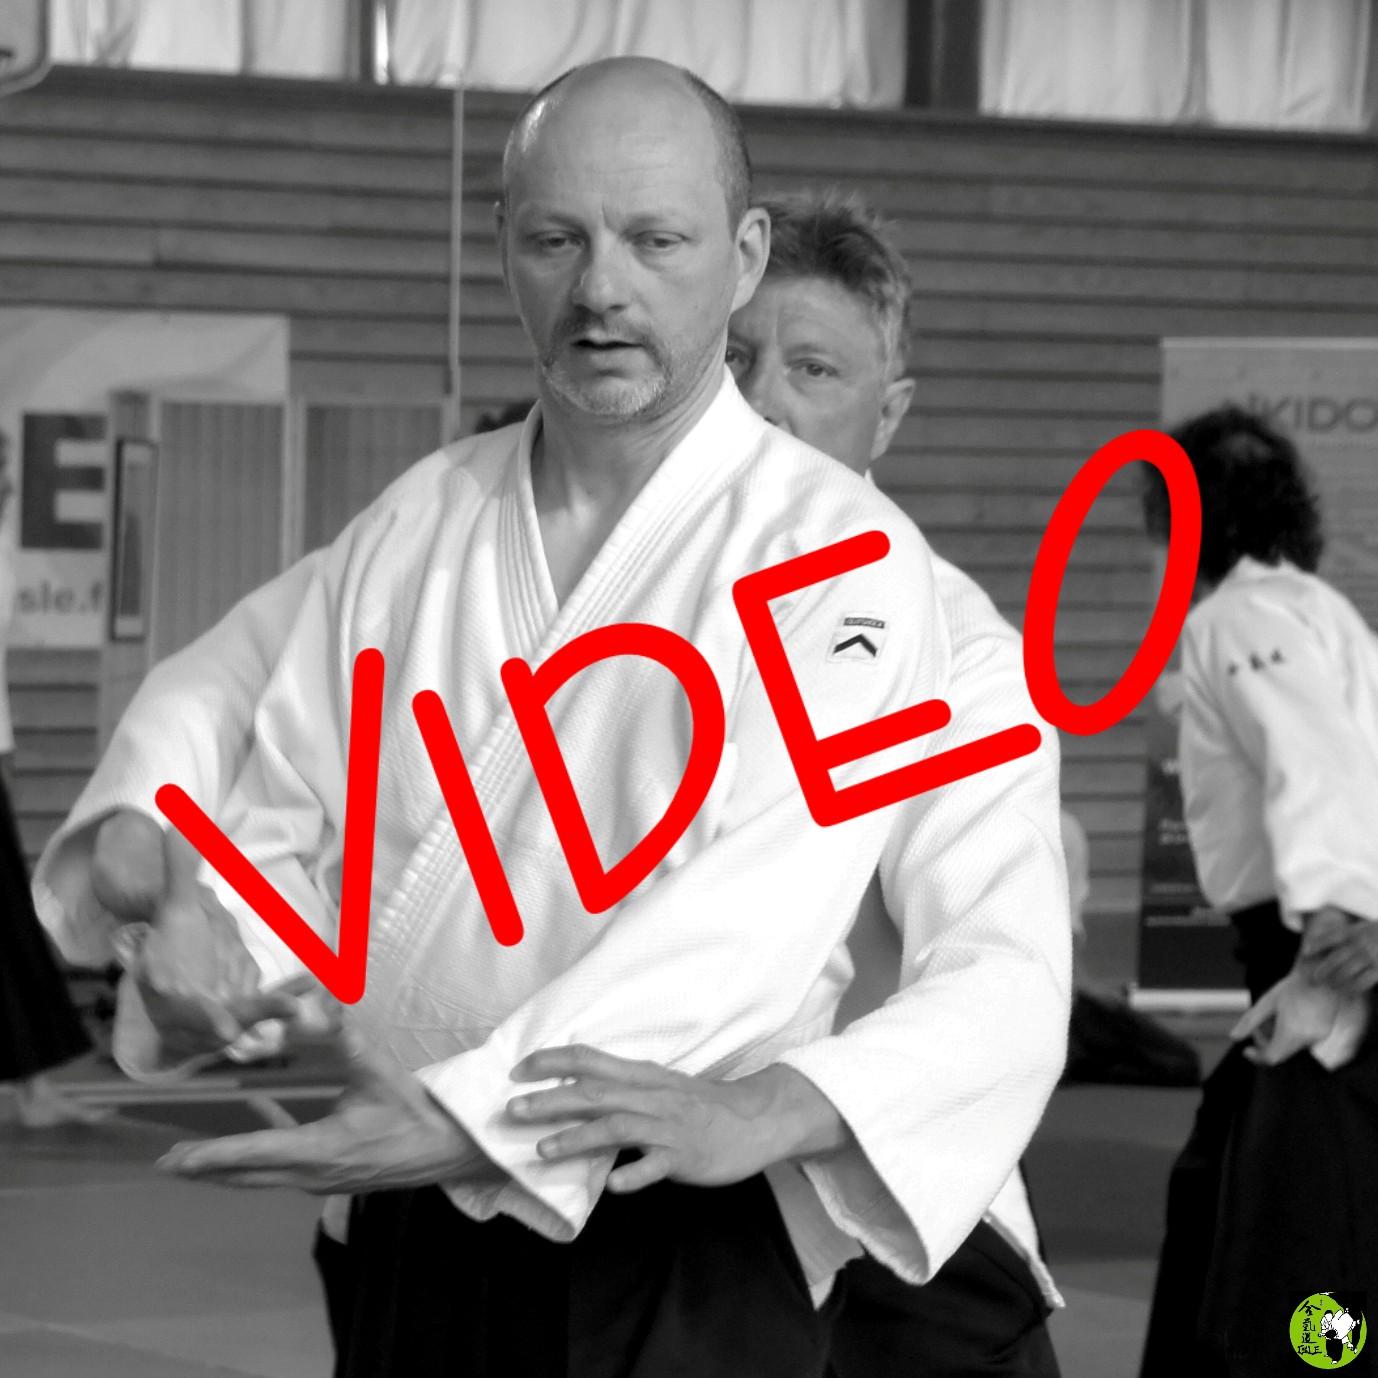 190525 Vignette Vidéo de Laurent.jpg - 336,85 kB